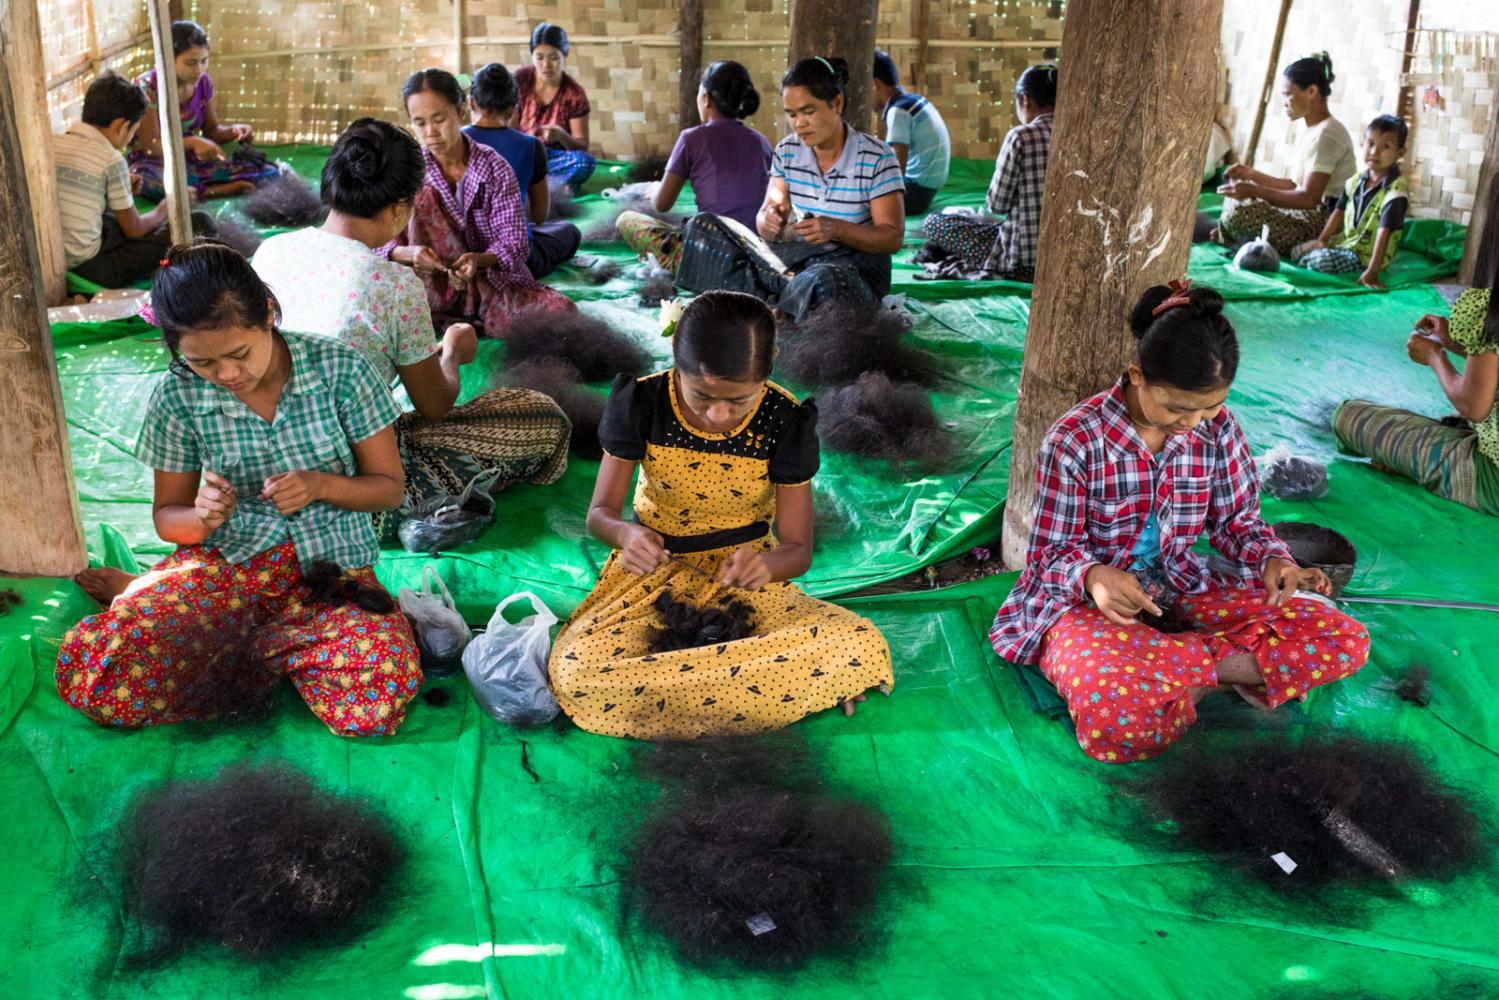 Wig preparation in Naypyidaw, Myanmar